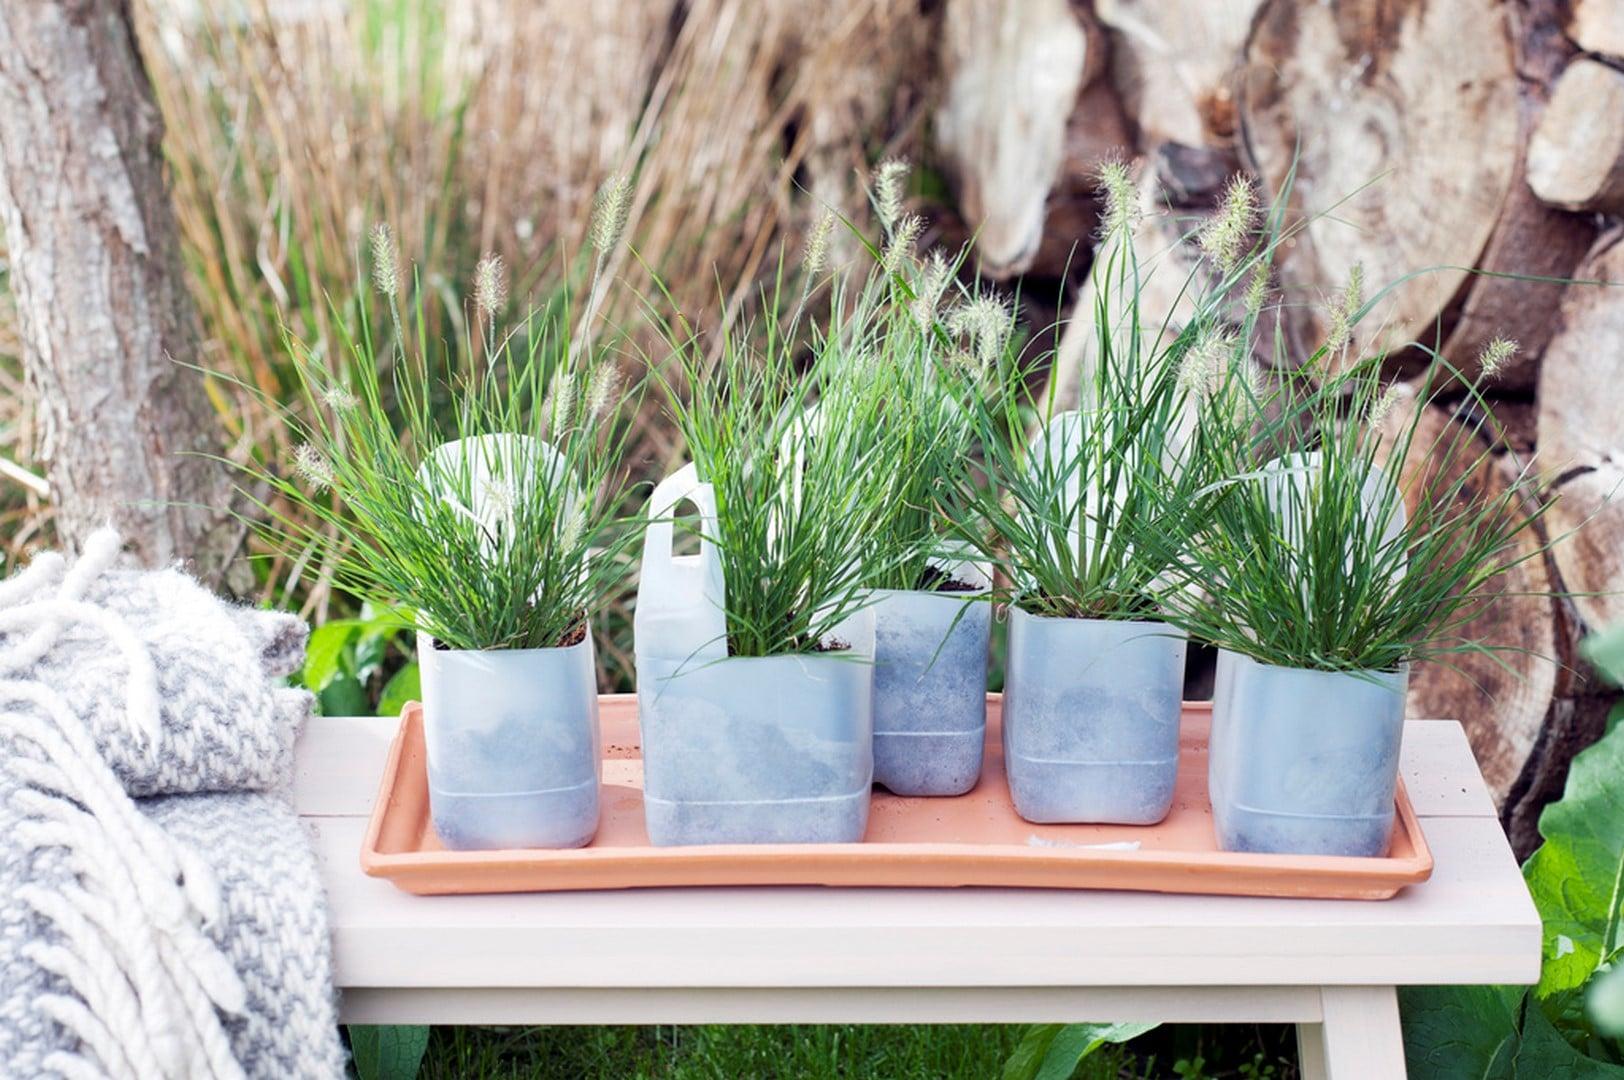 Plante de jardin du mois de septembre 2016 : Herbe aux écouvillons